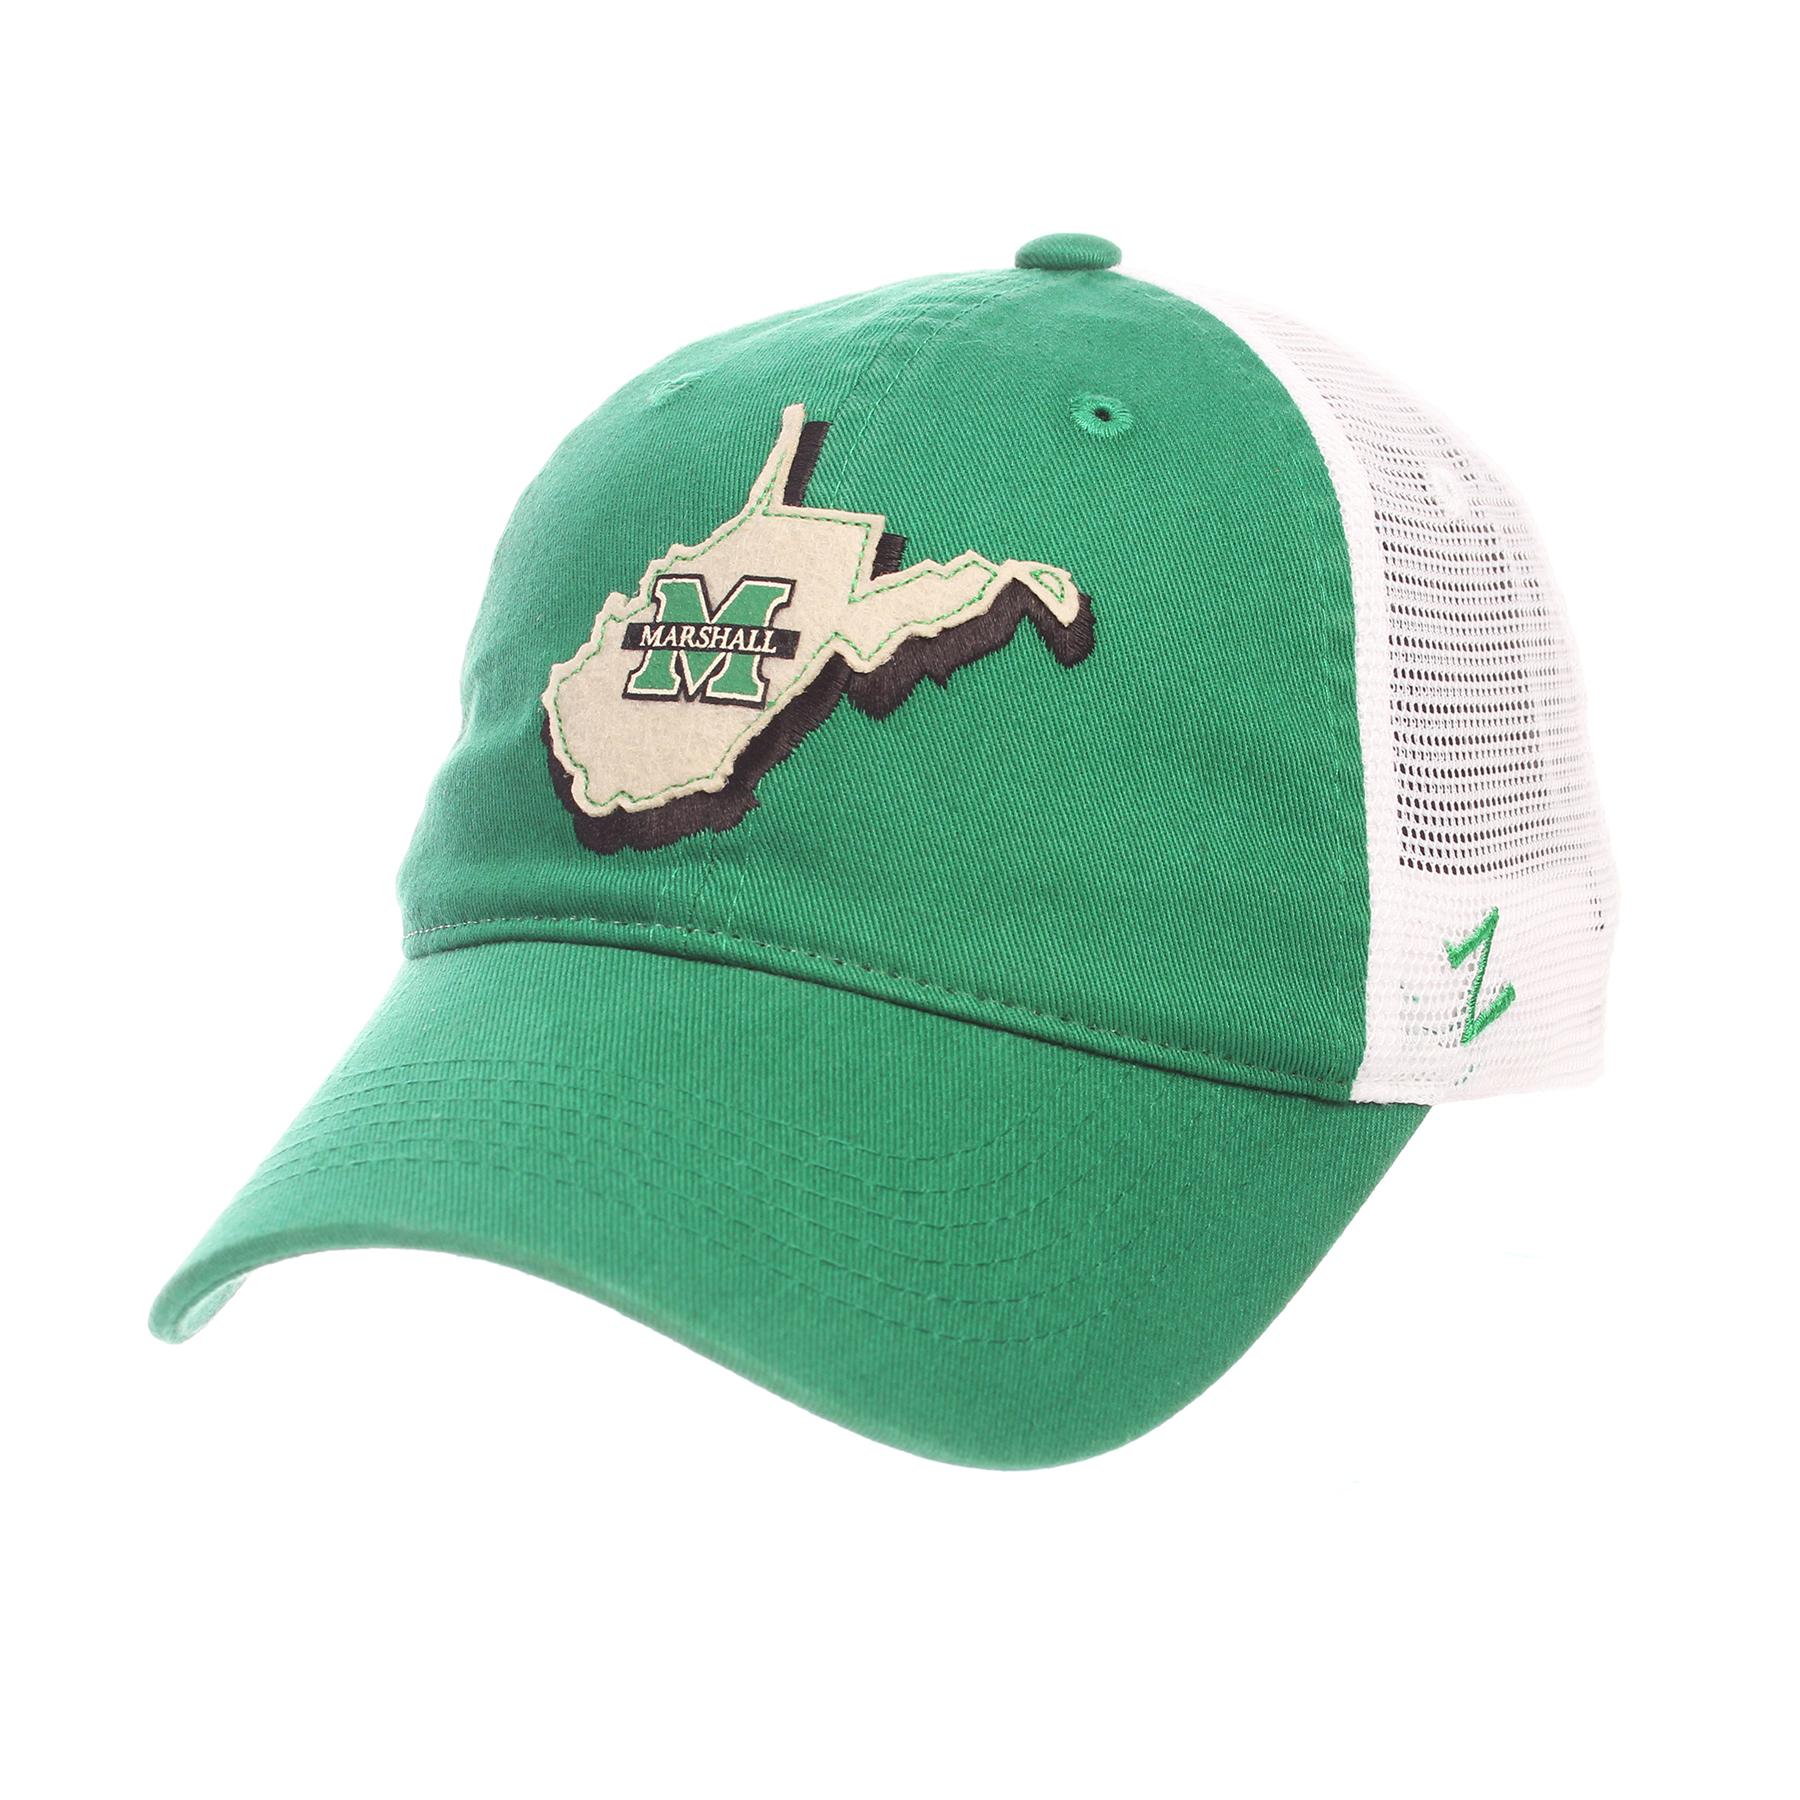 28240KG <Br>MU STATE TRUCKER CAP <BR>$19.99